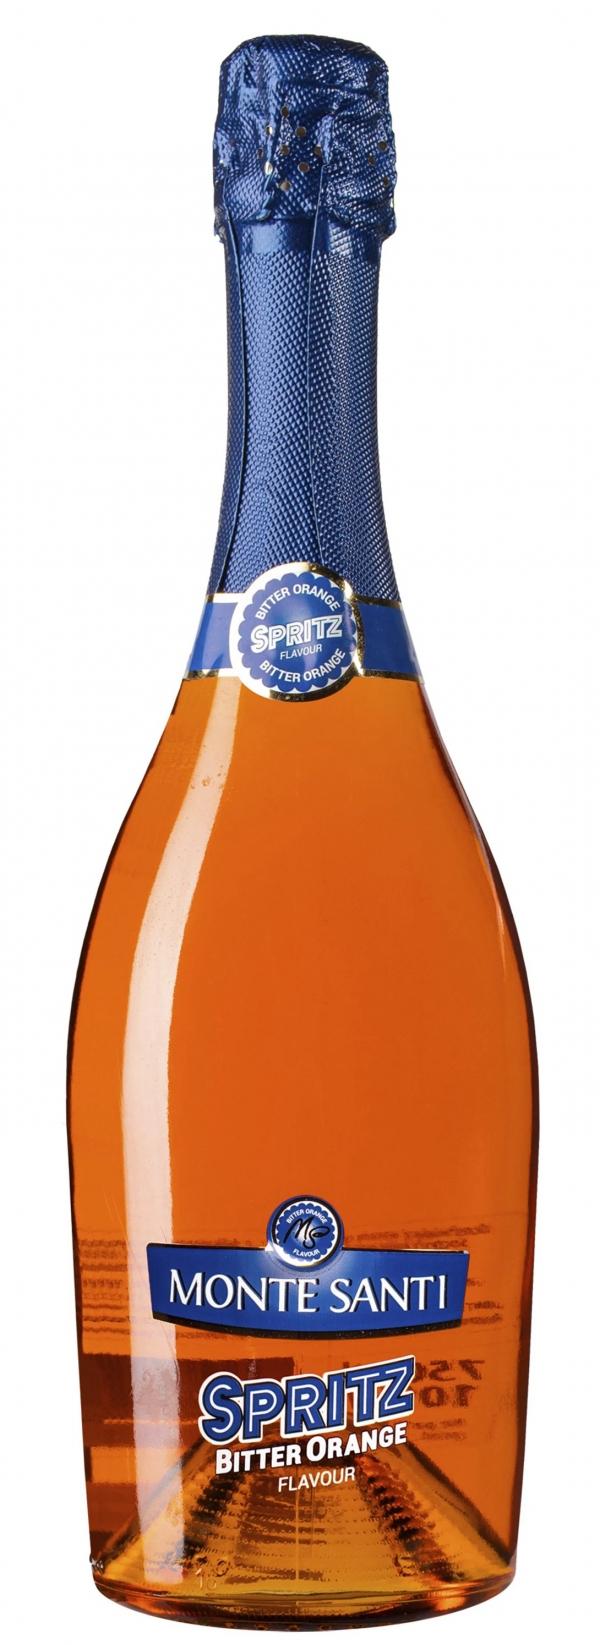 Пенливо Вино Монте Санти Шприц 0.7 л